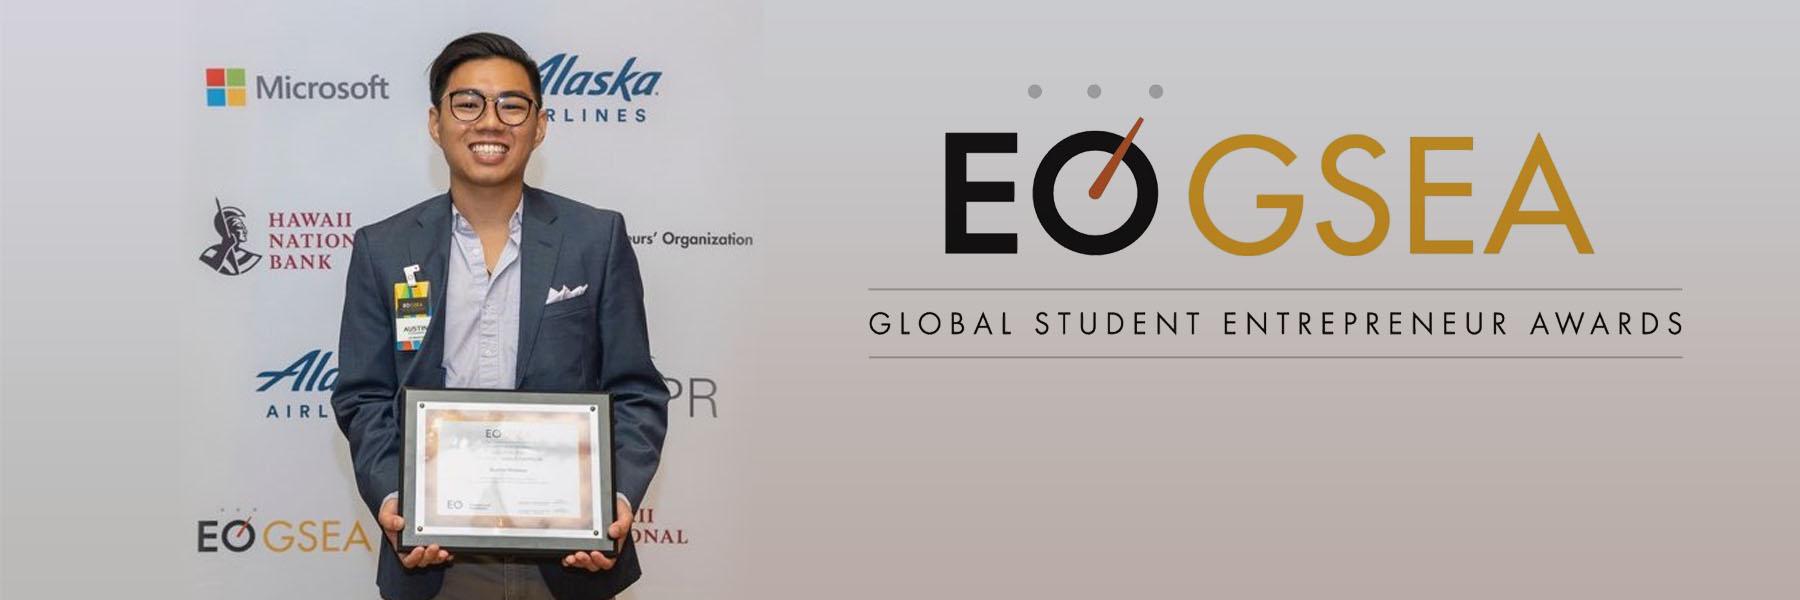 EO GSEA Logo Plus Austin Yoshino Posing With Award.